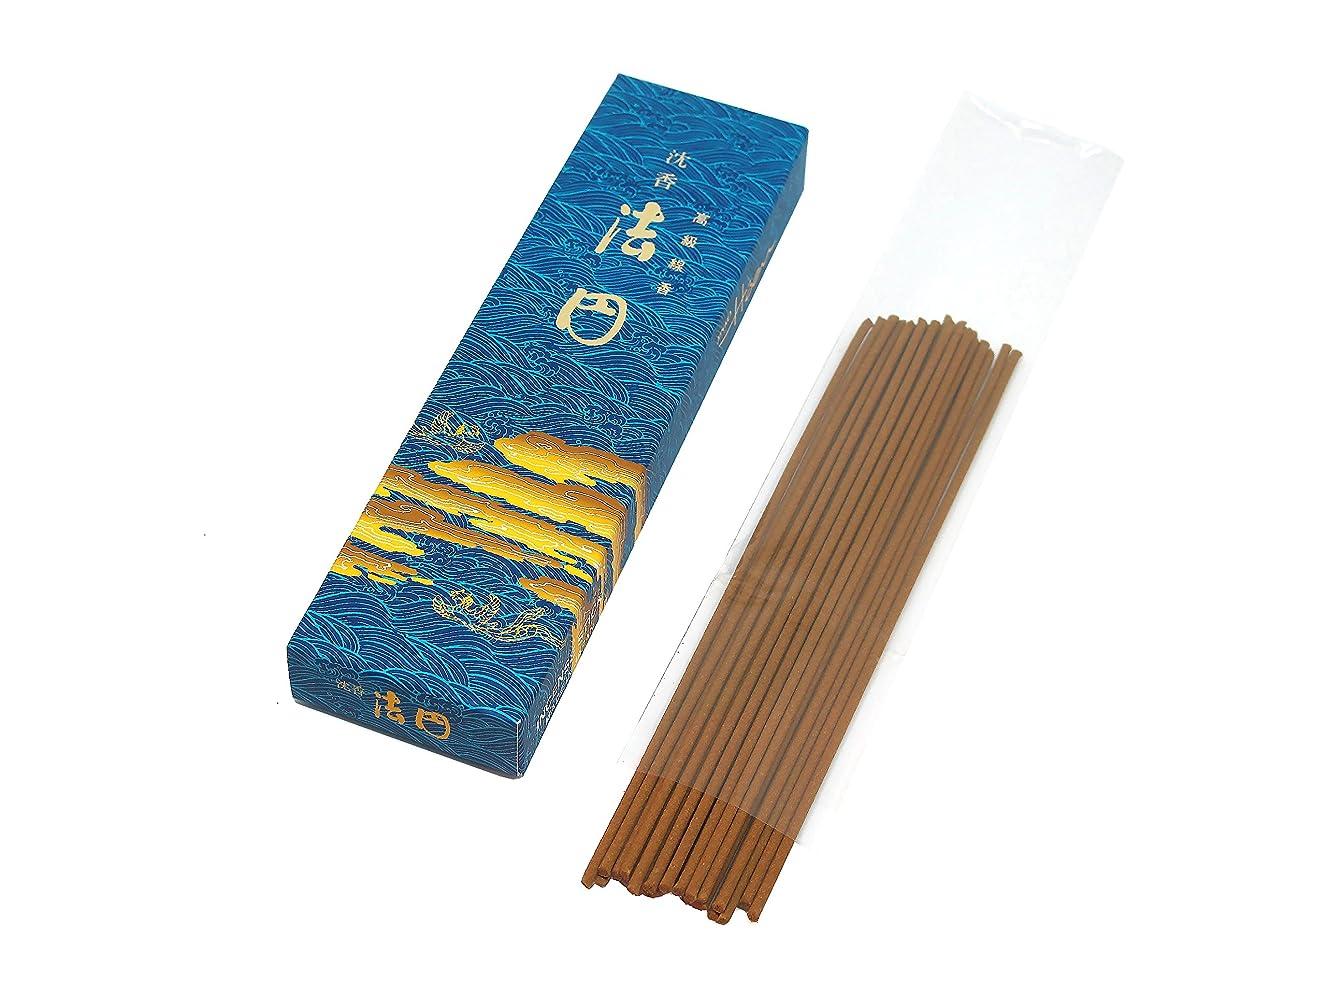 ワンダー虚弱立法gyokushodo Agarwood / Aloeswood / Oud Japanese Incense Sticks jinko Hoenスモールパックトライアルサイズ5.5インチ30?Sticks日本製